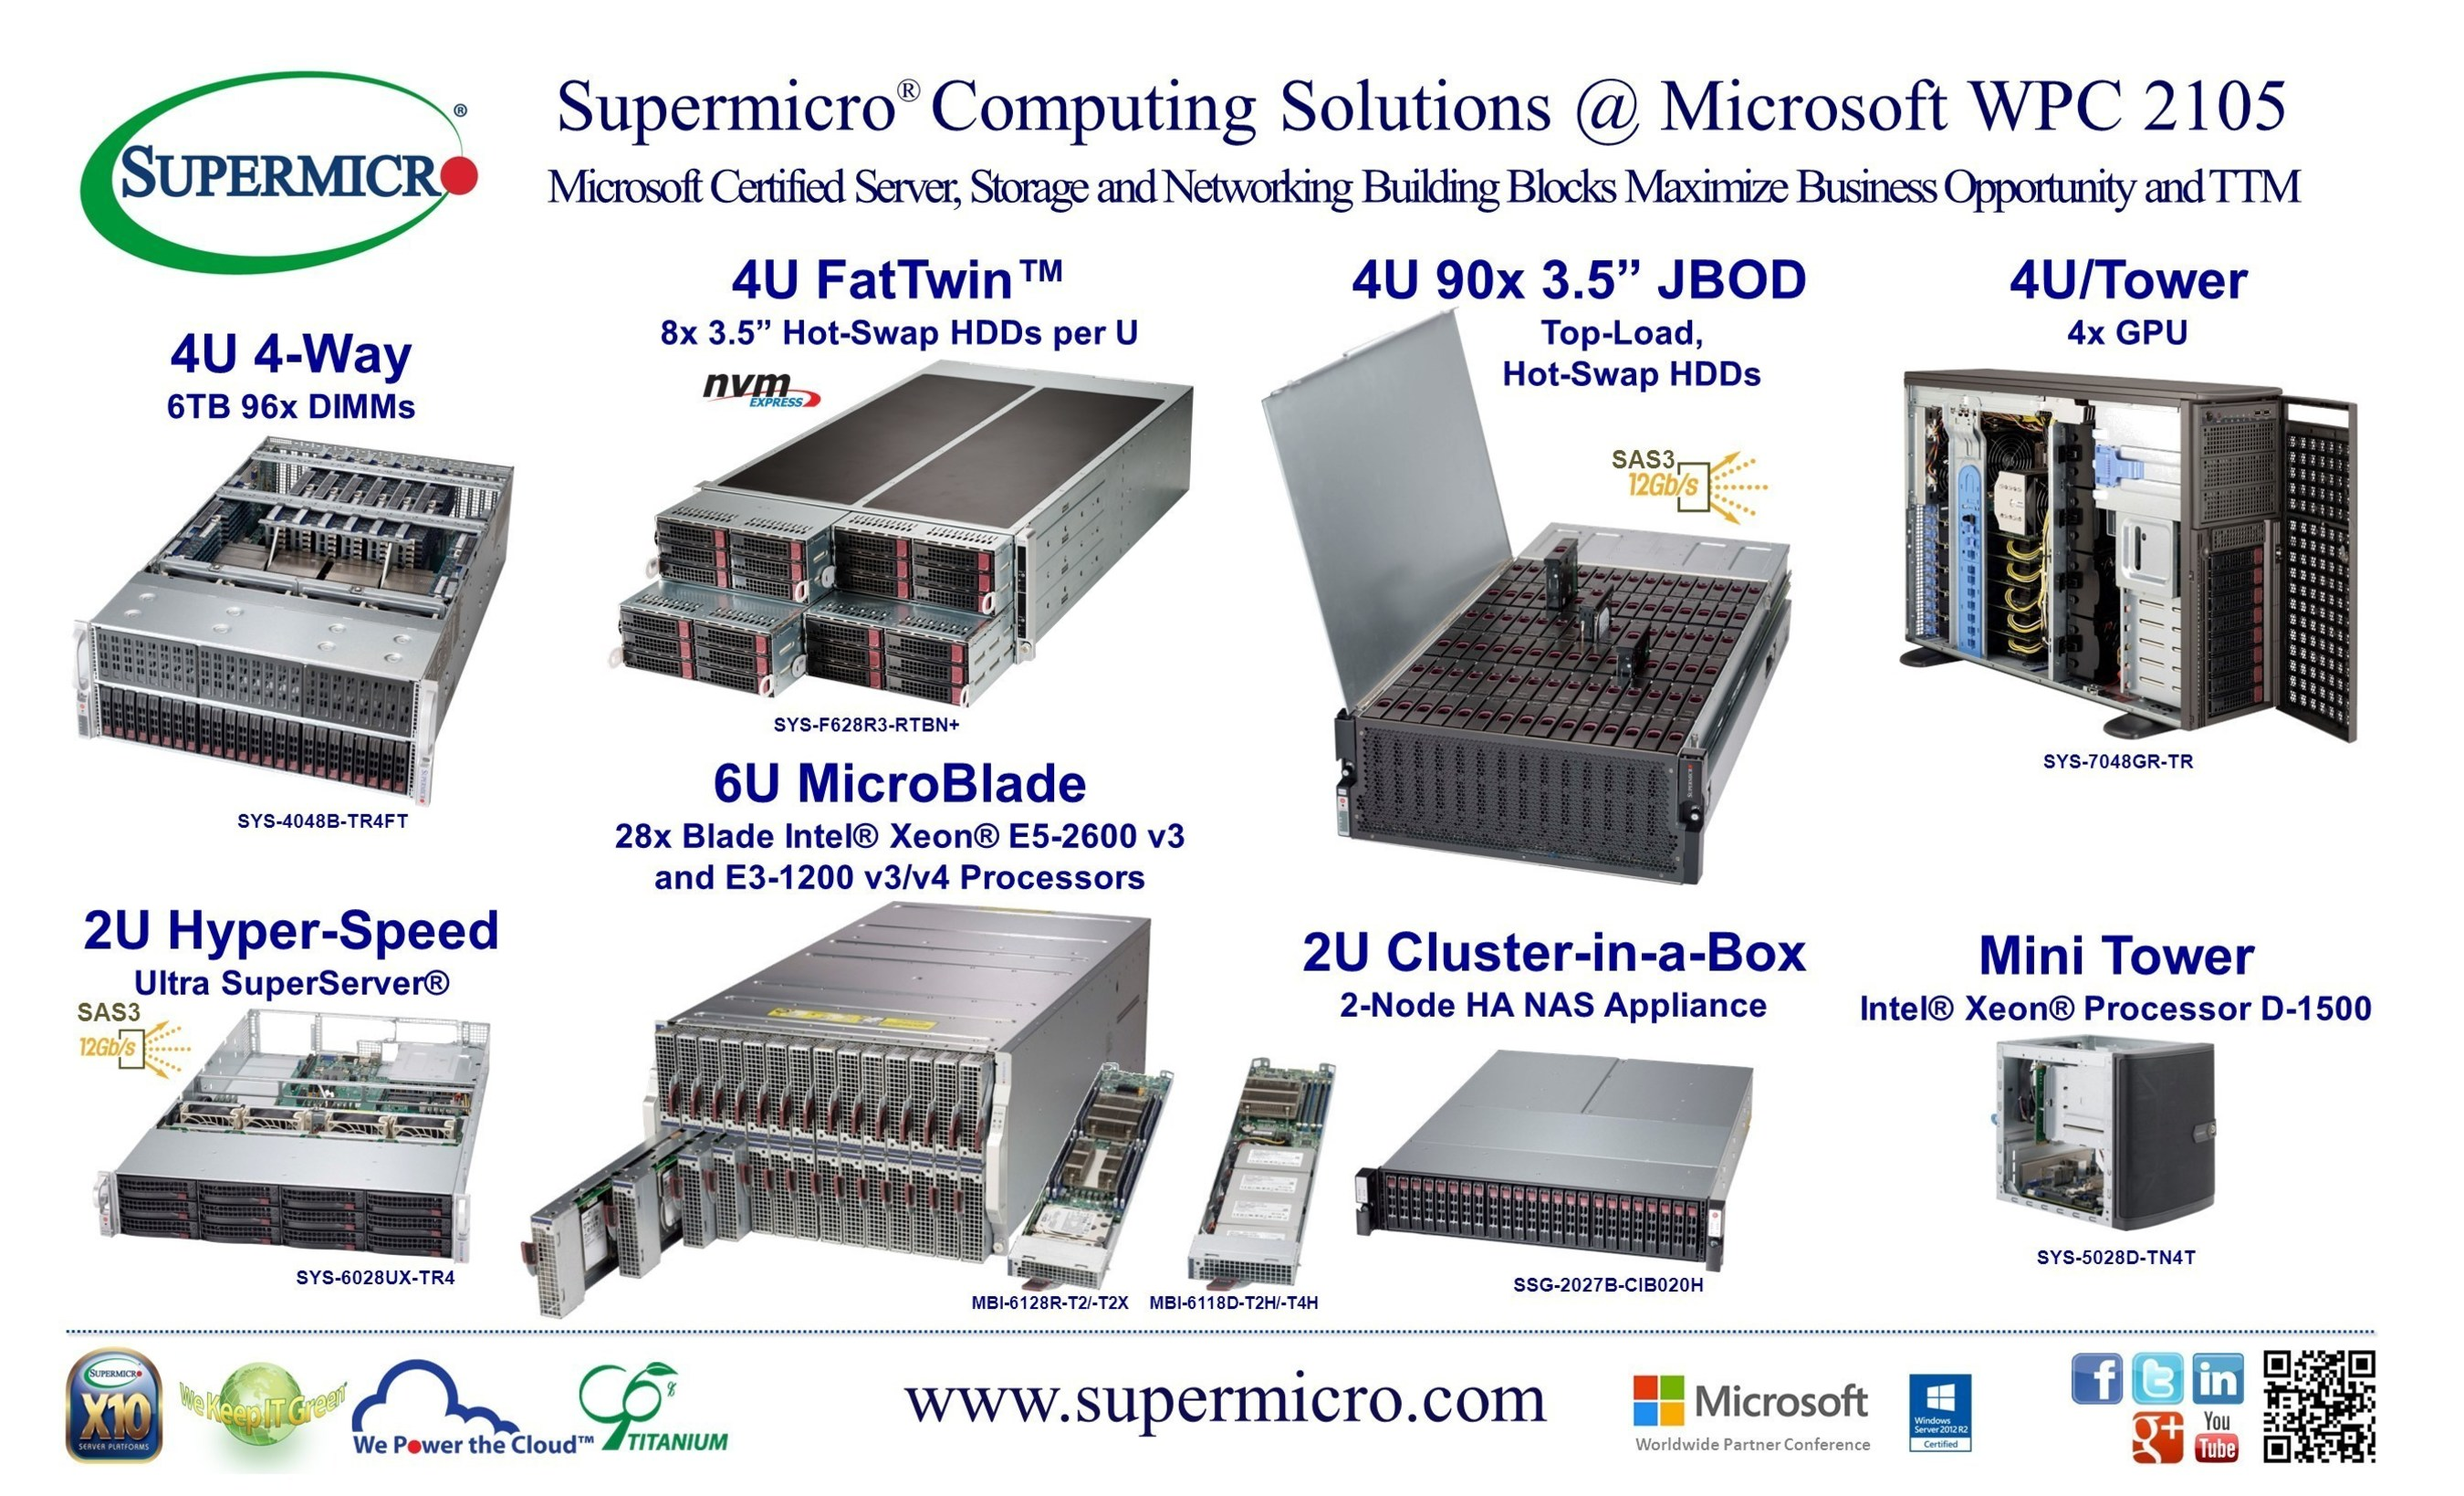 Supermicro® destaca SuperServer® de 96x DIMM com 4U de 4-vias, 6TB, e SuperStorage® top-load